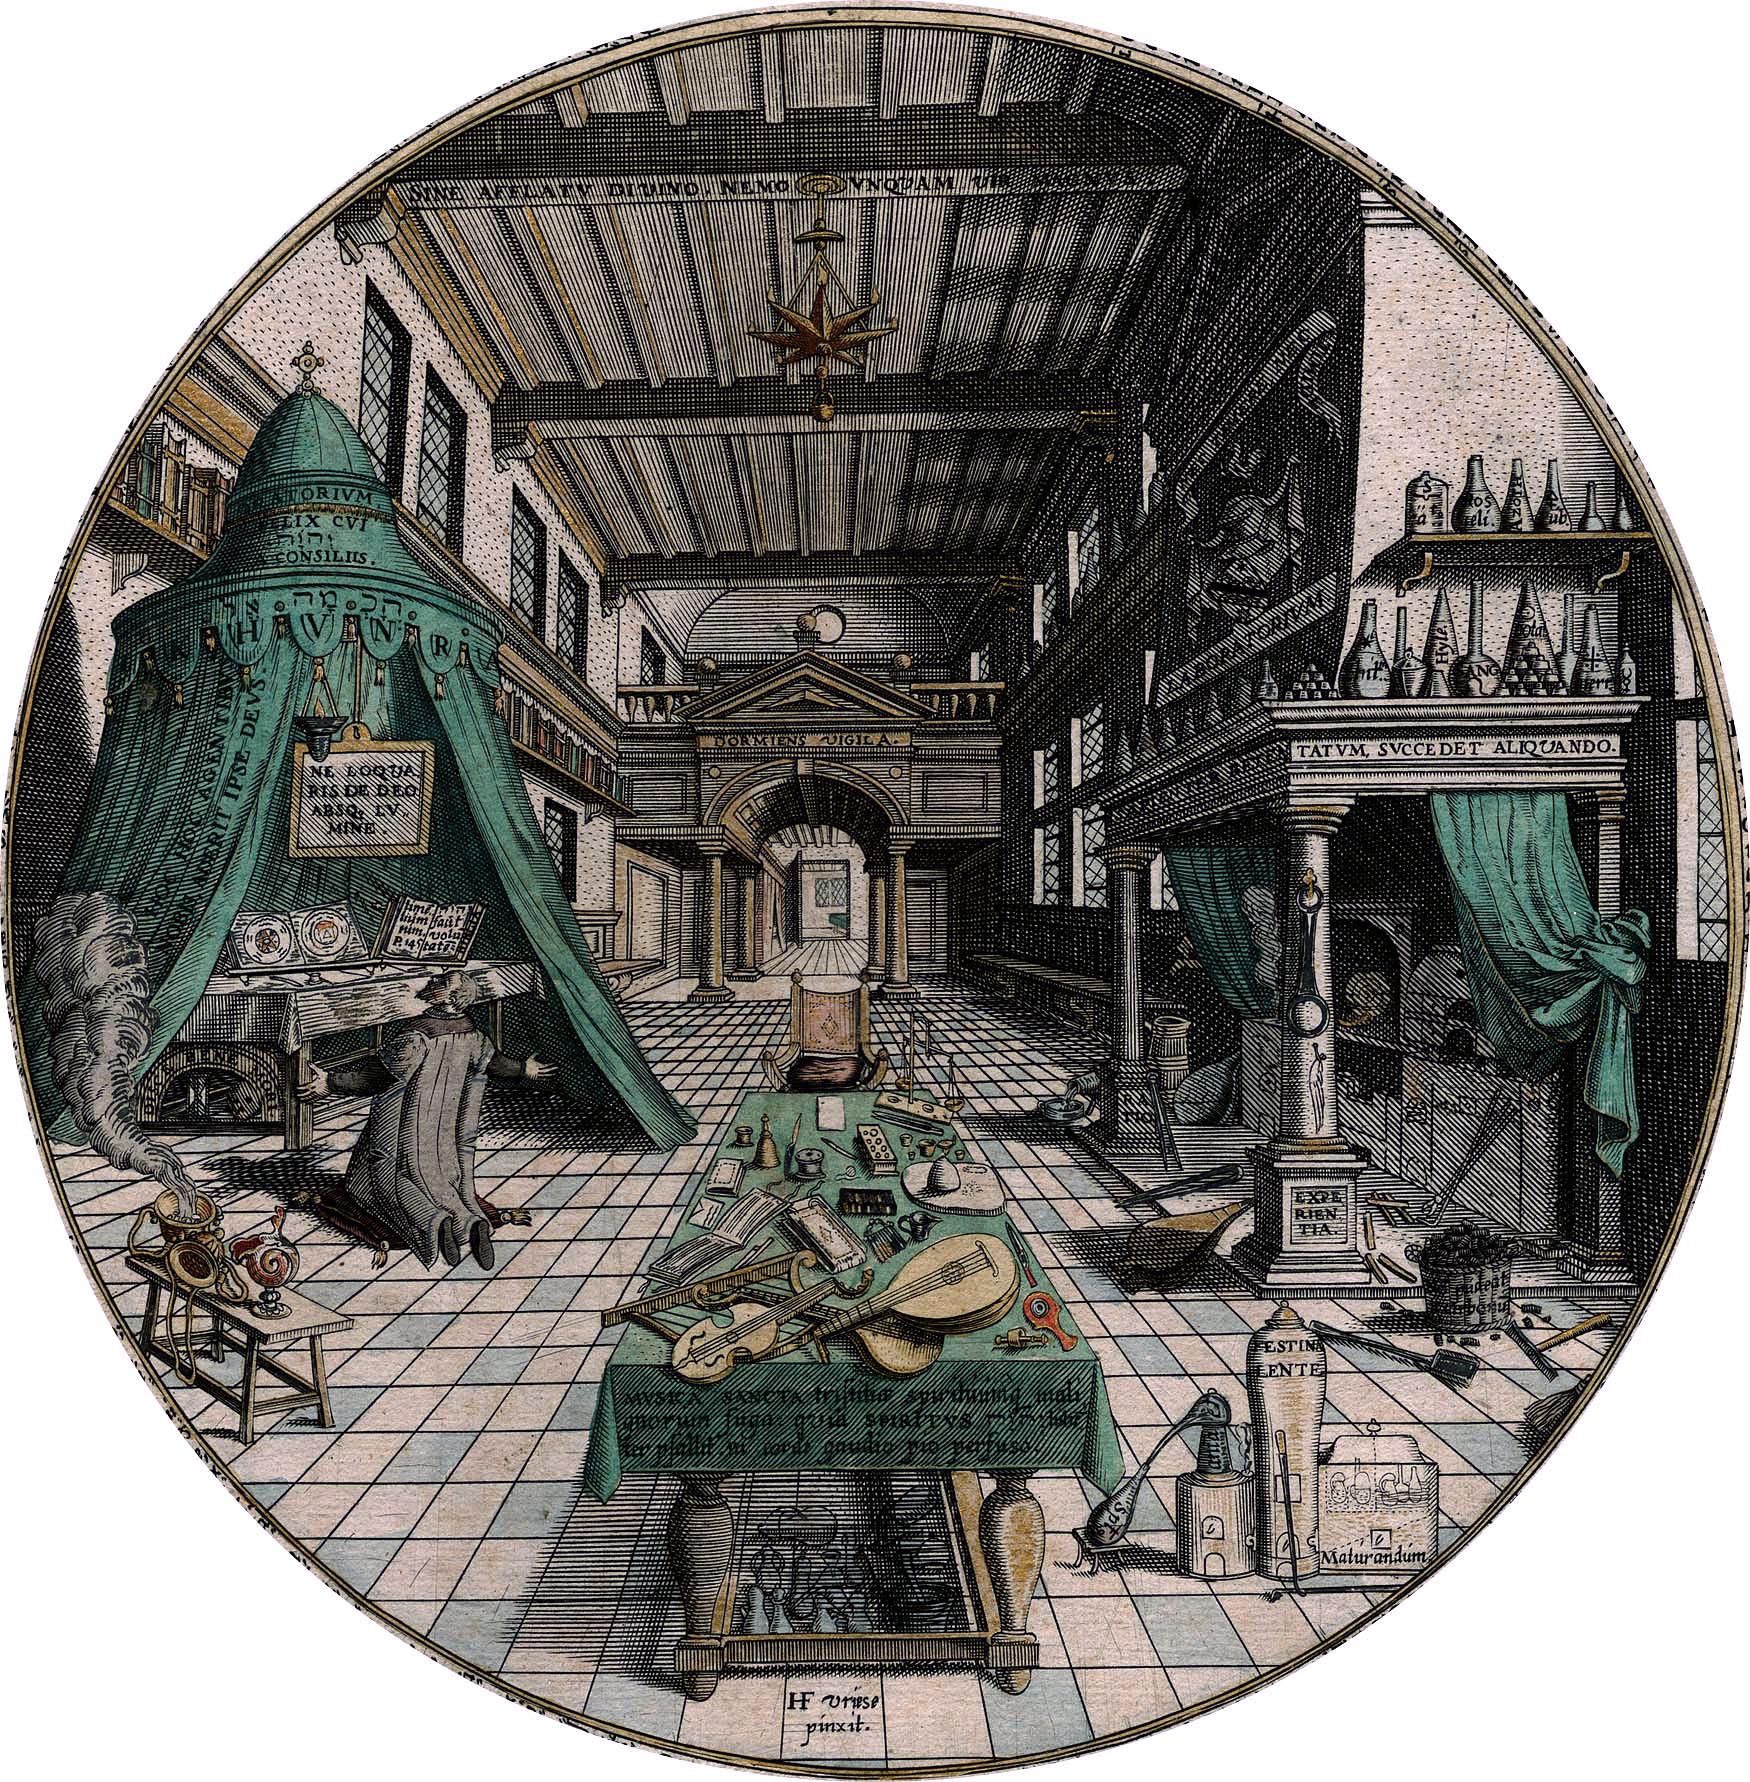 http://de.academic.ru/pictures/dewiki/65/Alchemist%27s_Laboratory%2C_Heinrich_Khunrath%2C_Amphitheatrum_sapientiae_aeternae%2C_1595.jpg